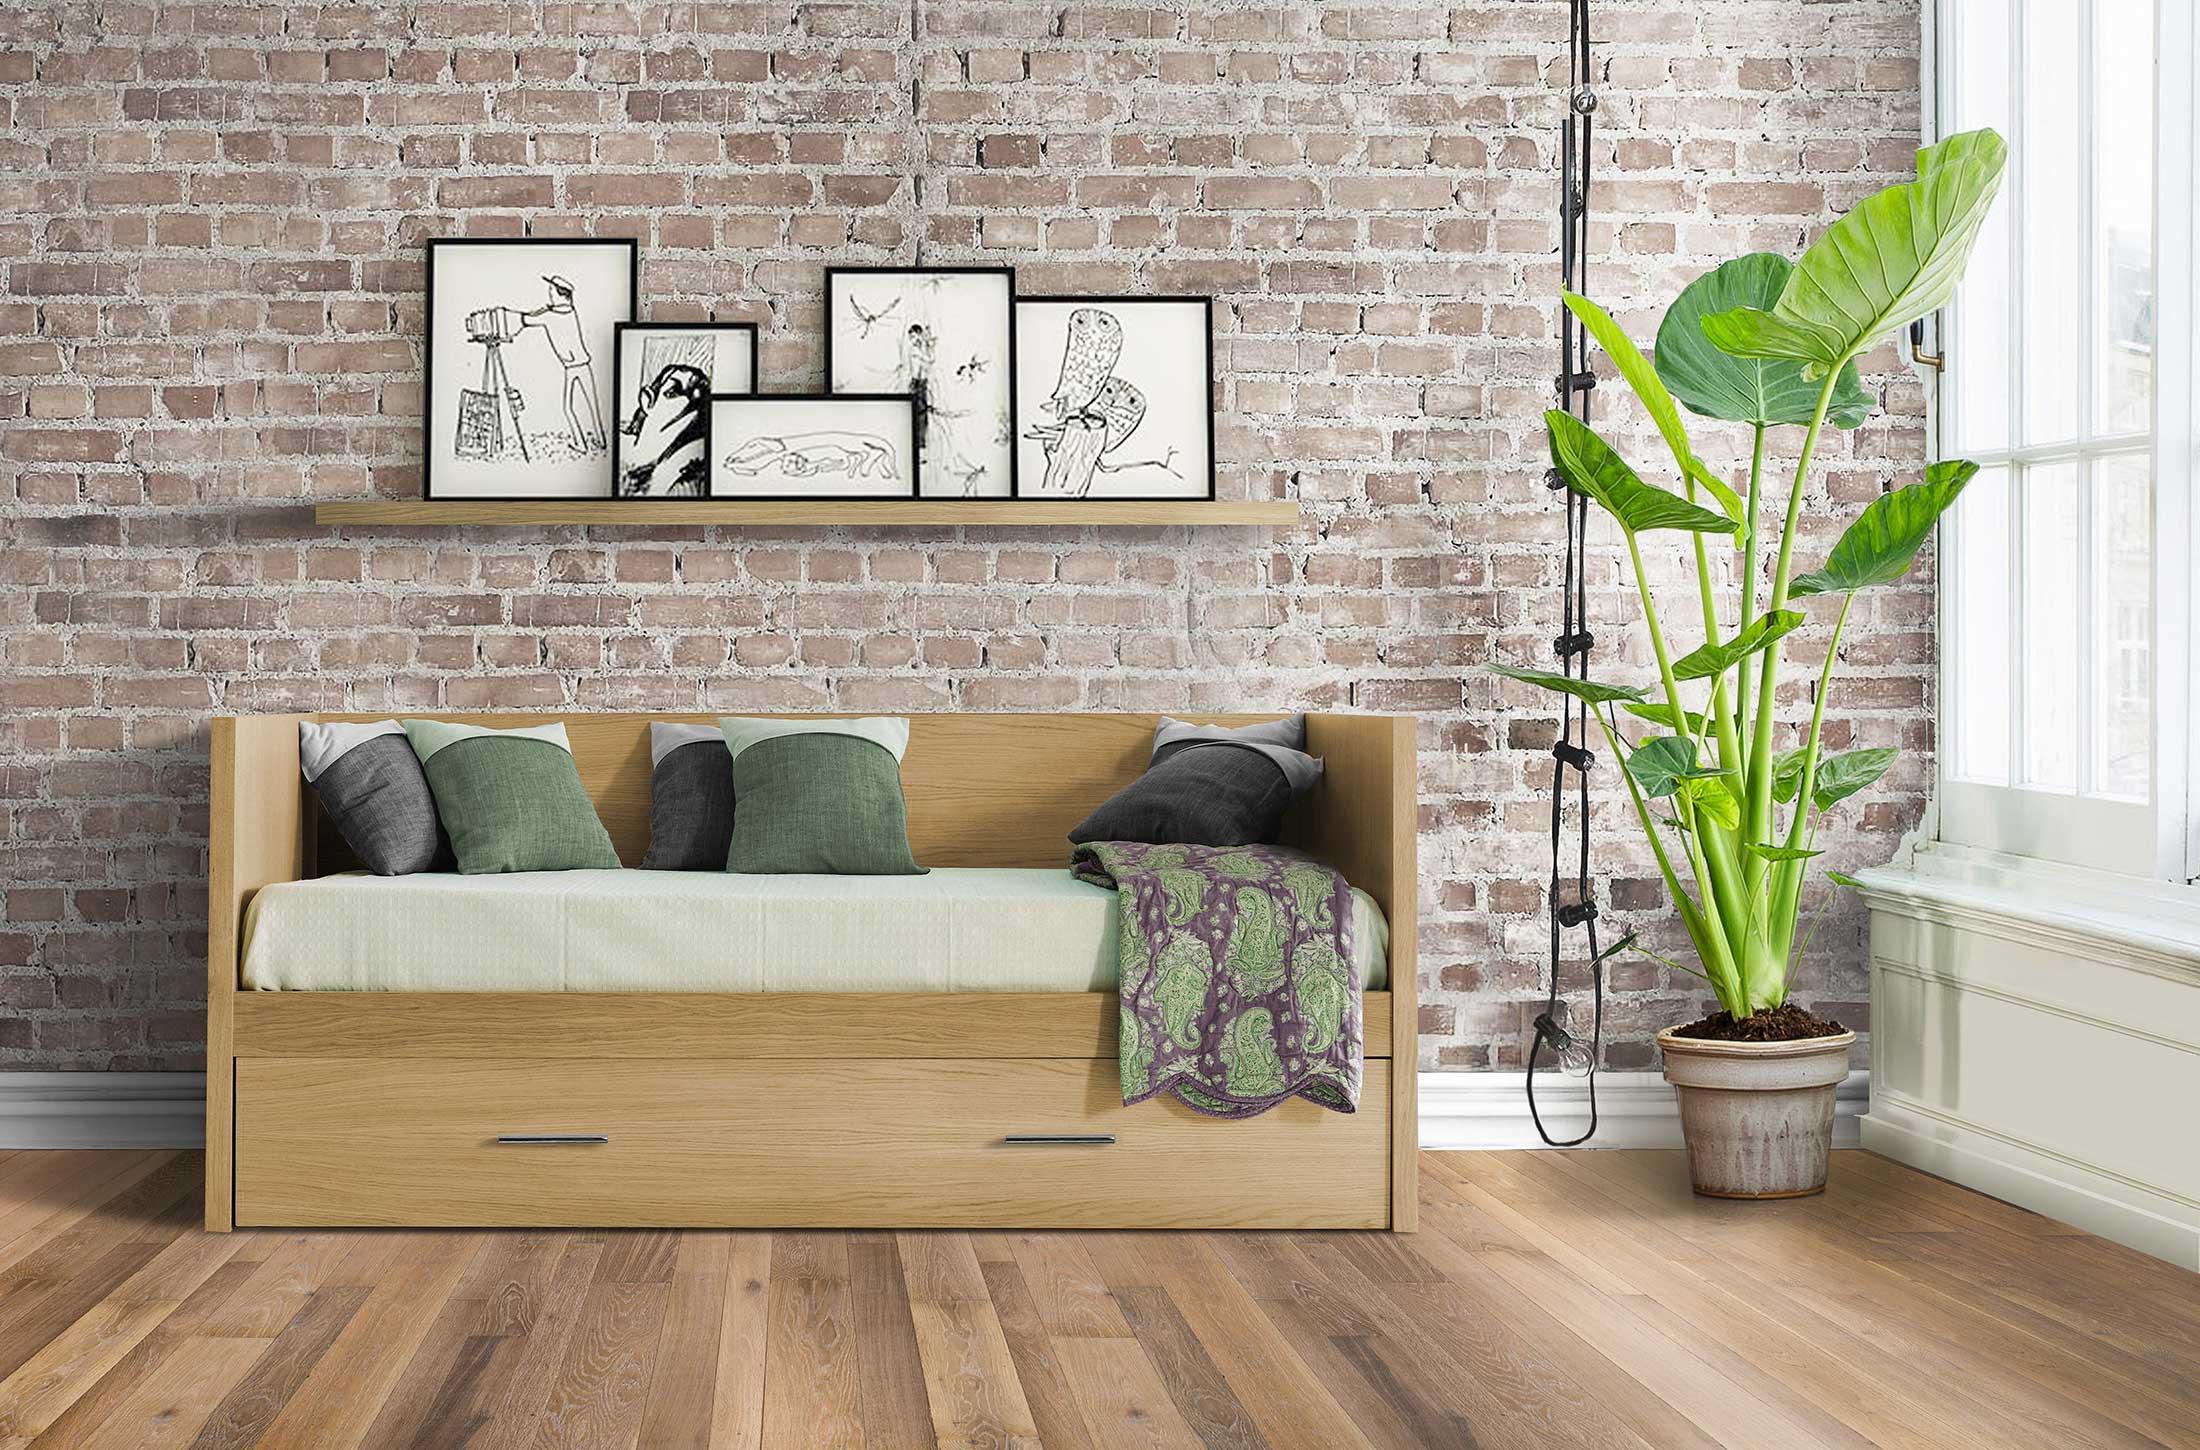 Lit-gigogne Gorje : un meuble d\'appoint design et fonctionnel